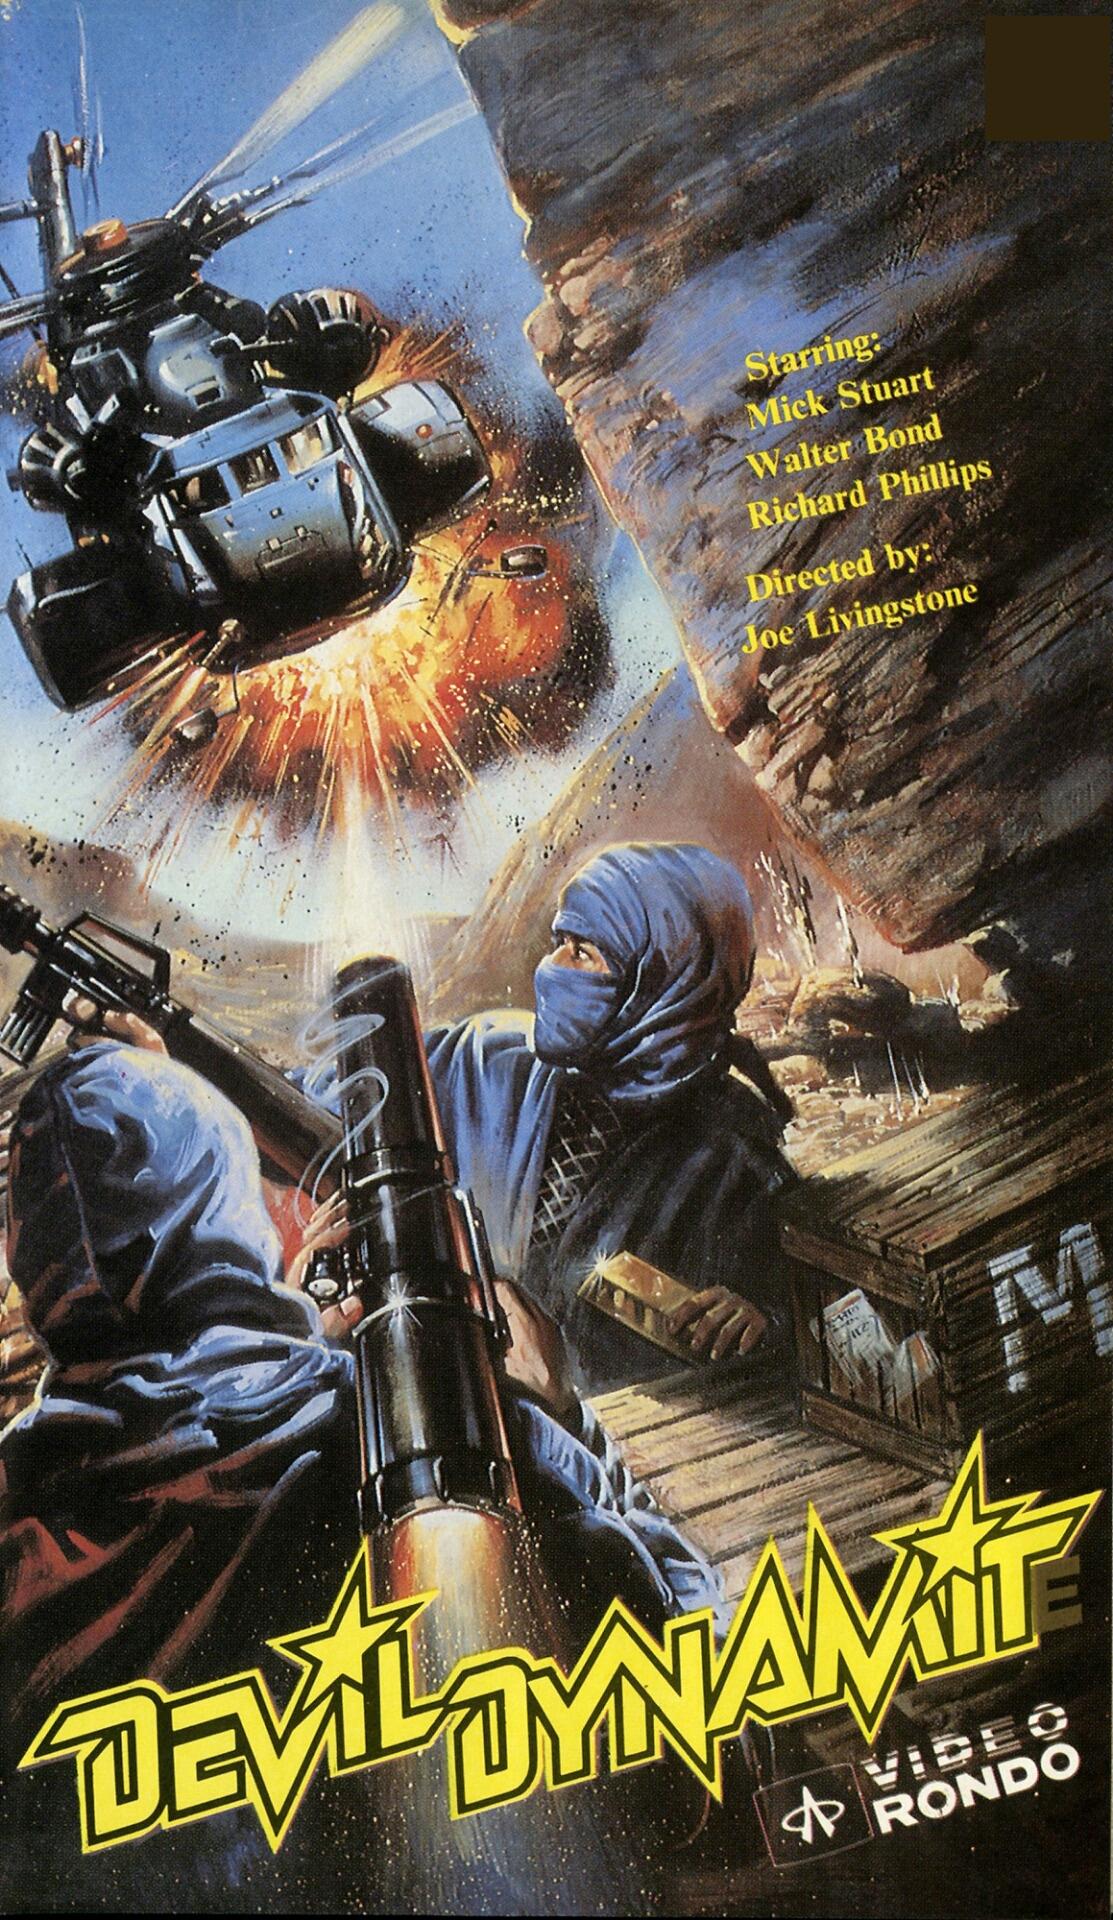 Devil Dynamite ((1987))